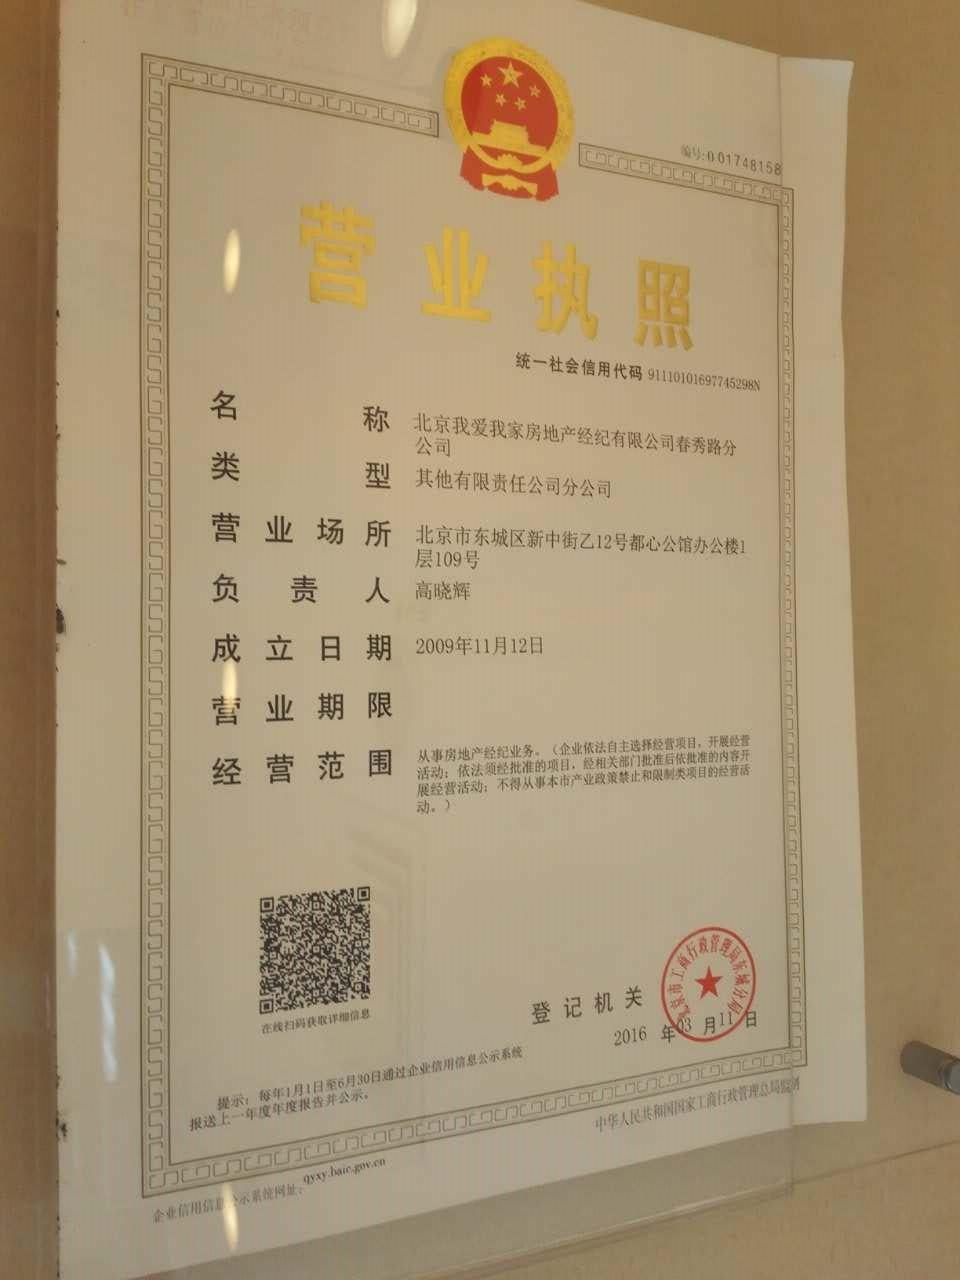 北京我爱我家房产经纪有限公司春秀路分公司